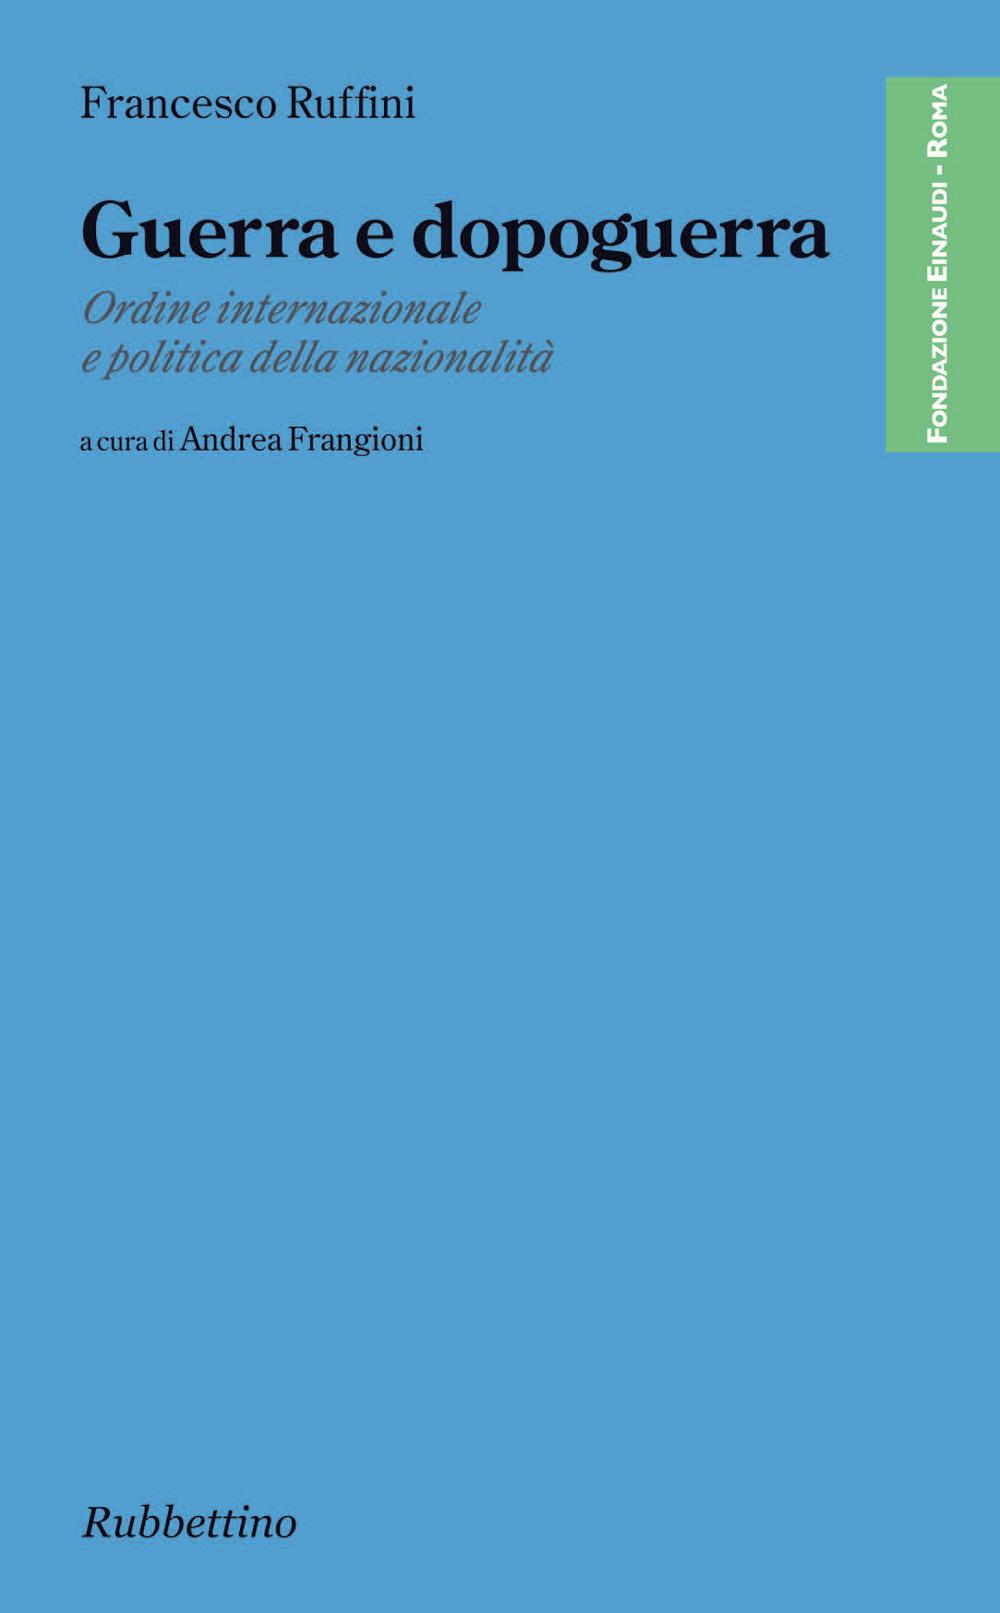 Guerra e dopoguerra di Francesco Ruffini